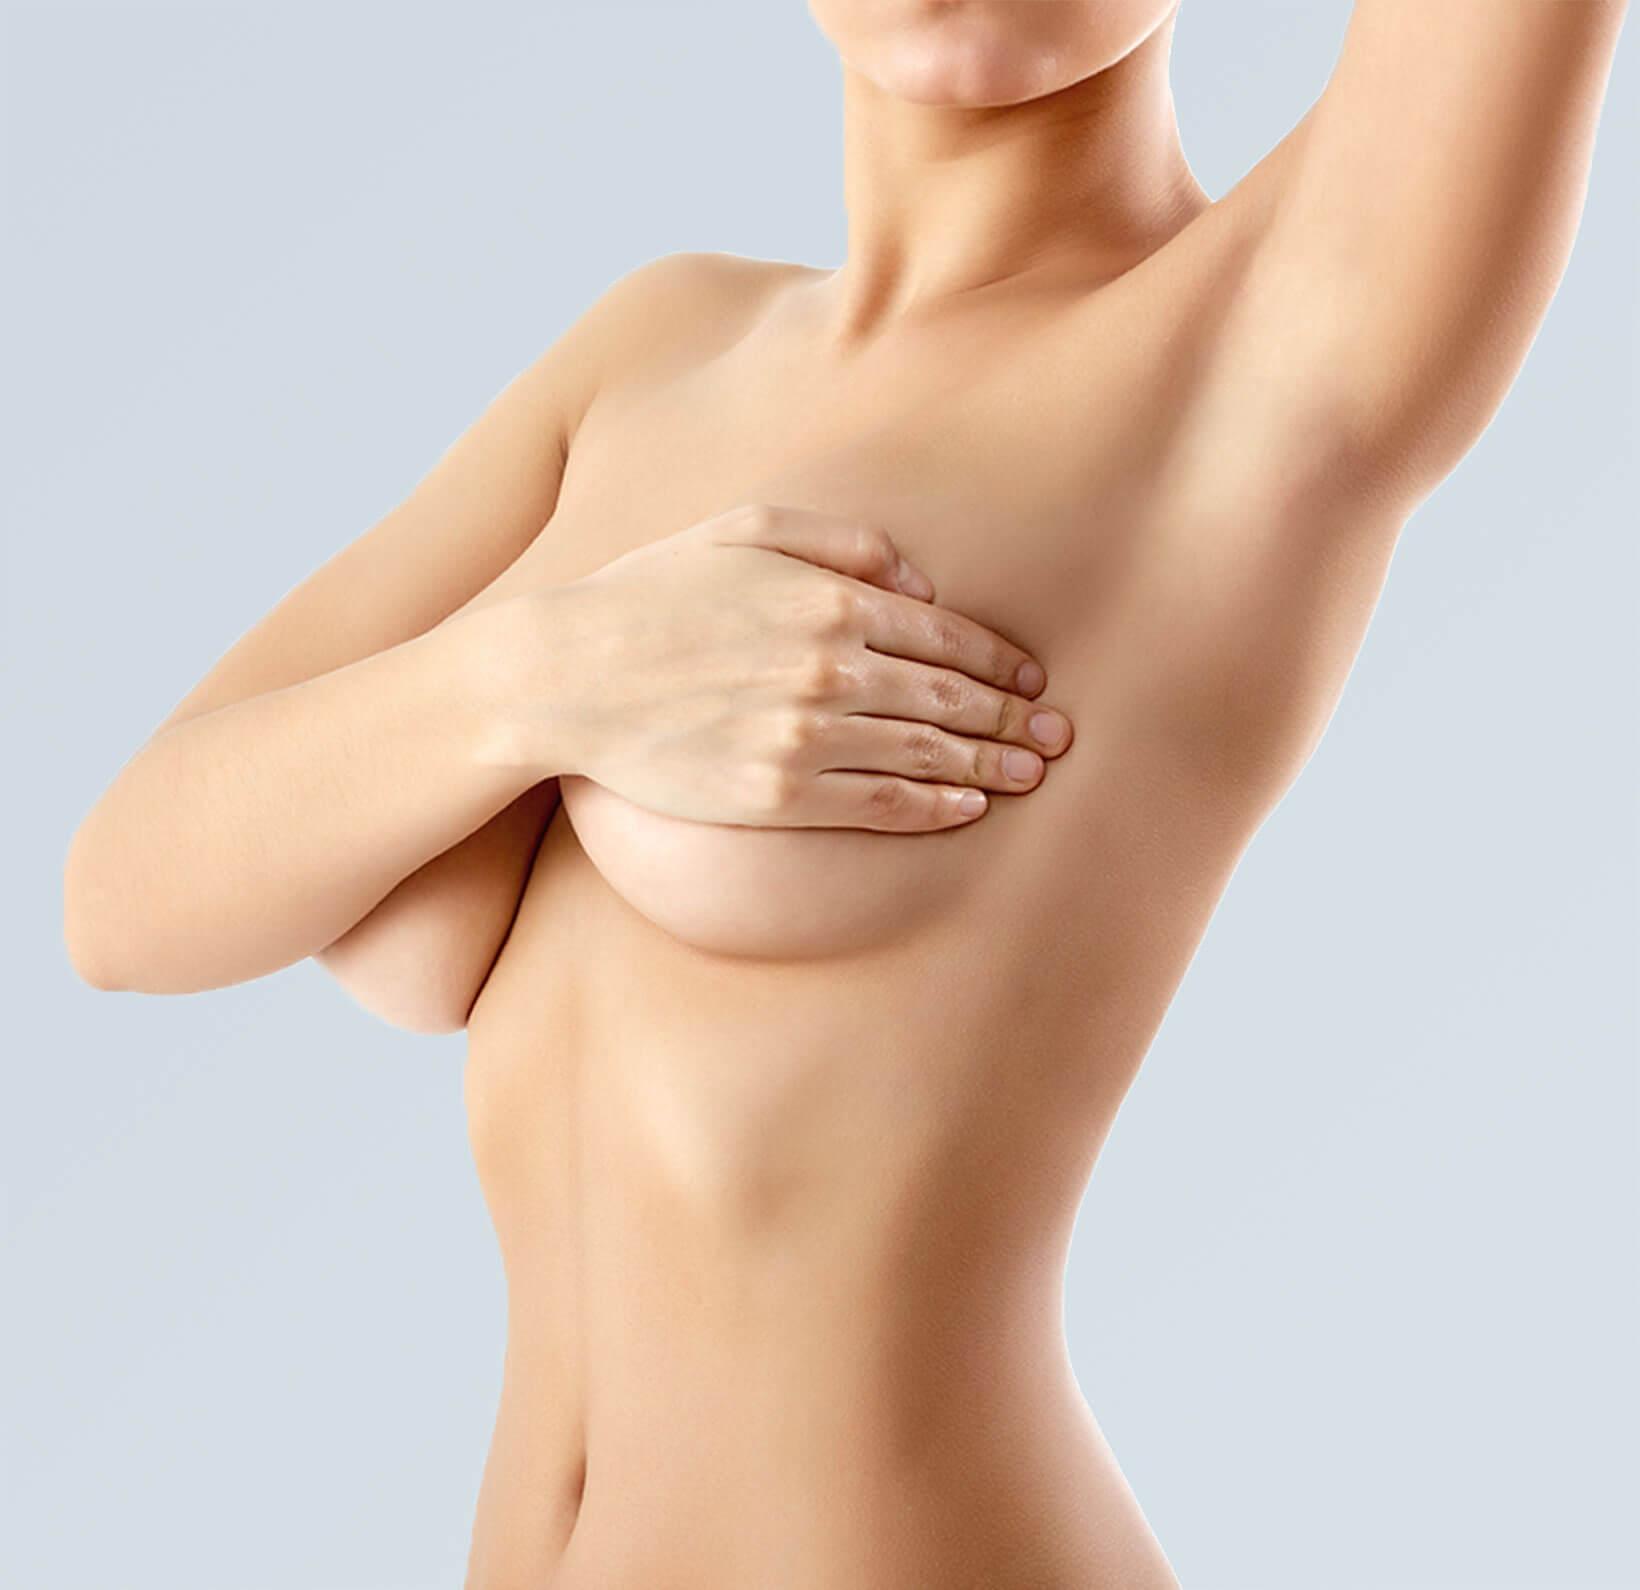 Schönheitschirurgie für Frauen